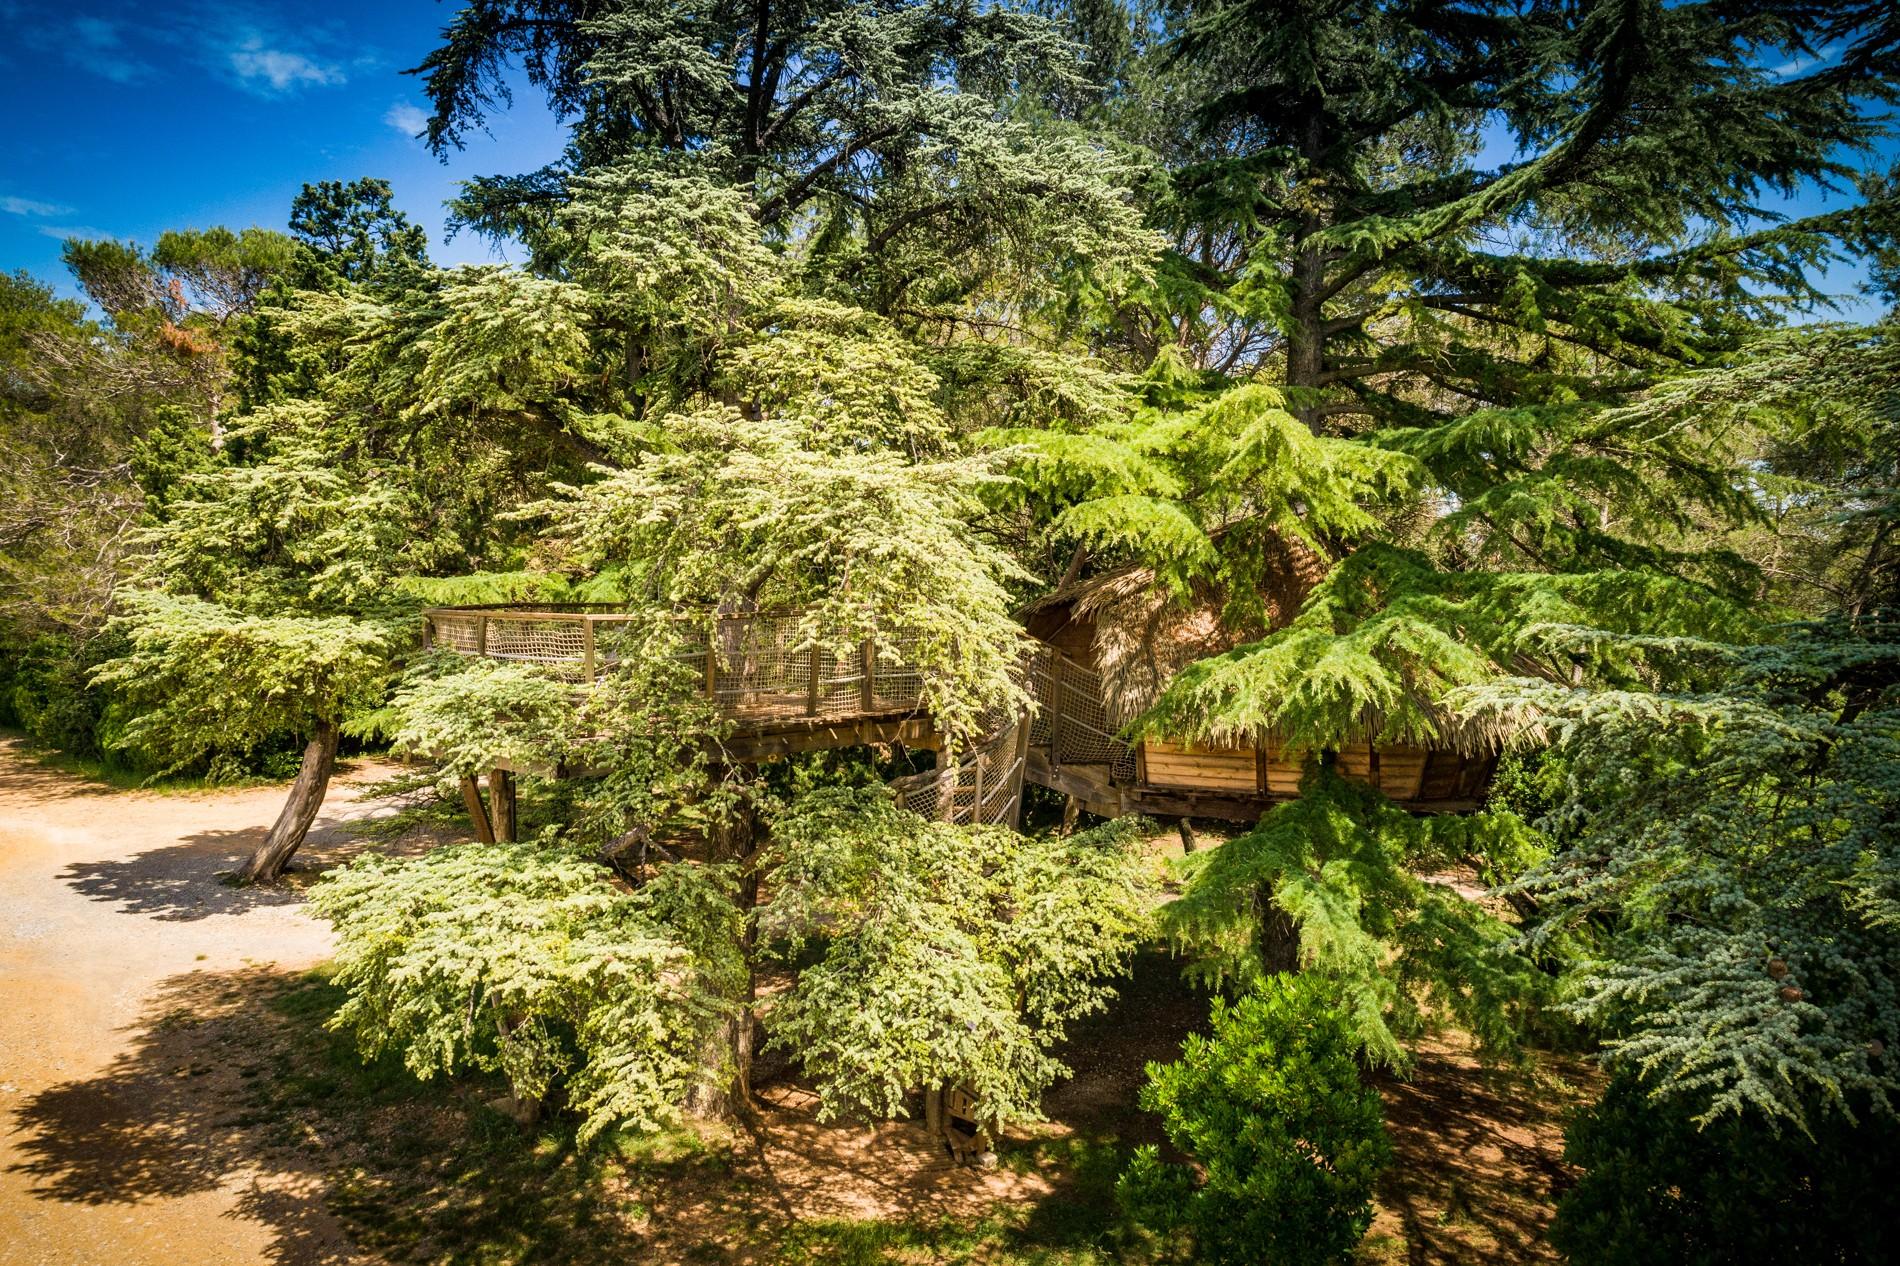 Photo 15 extérieur - Cabanes dans les arbres - hébergement insolite à Montpellier - Tourisme de nature - Domaine saint Jean de l'Arbousier, Castries, Hérault